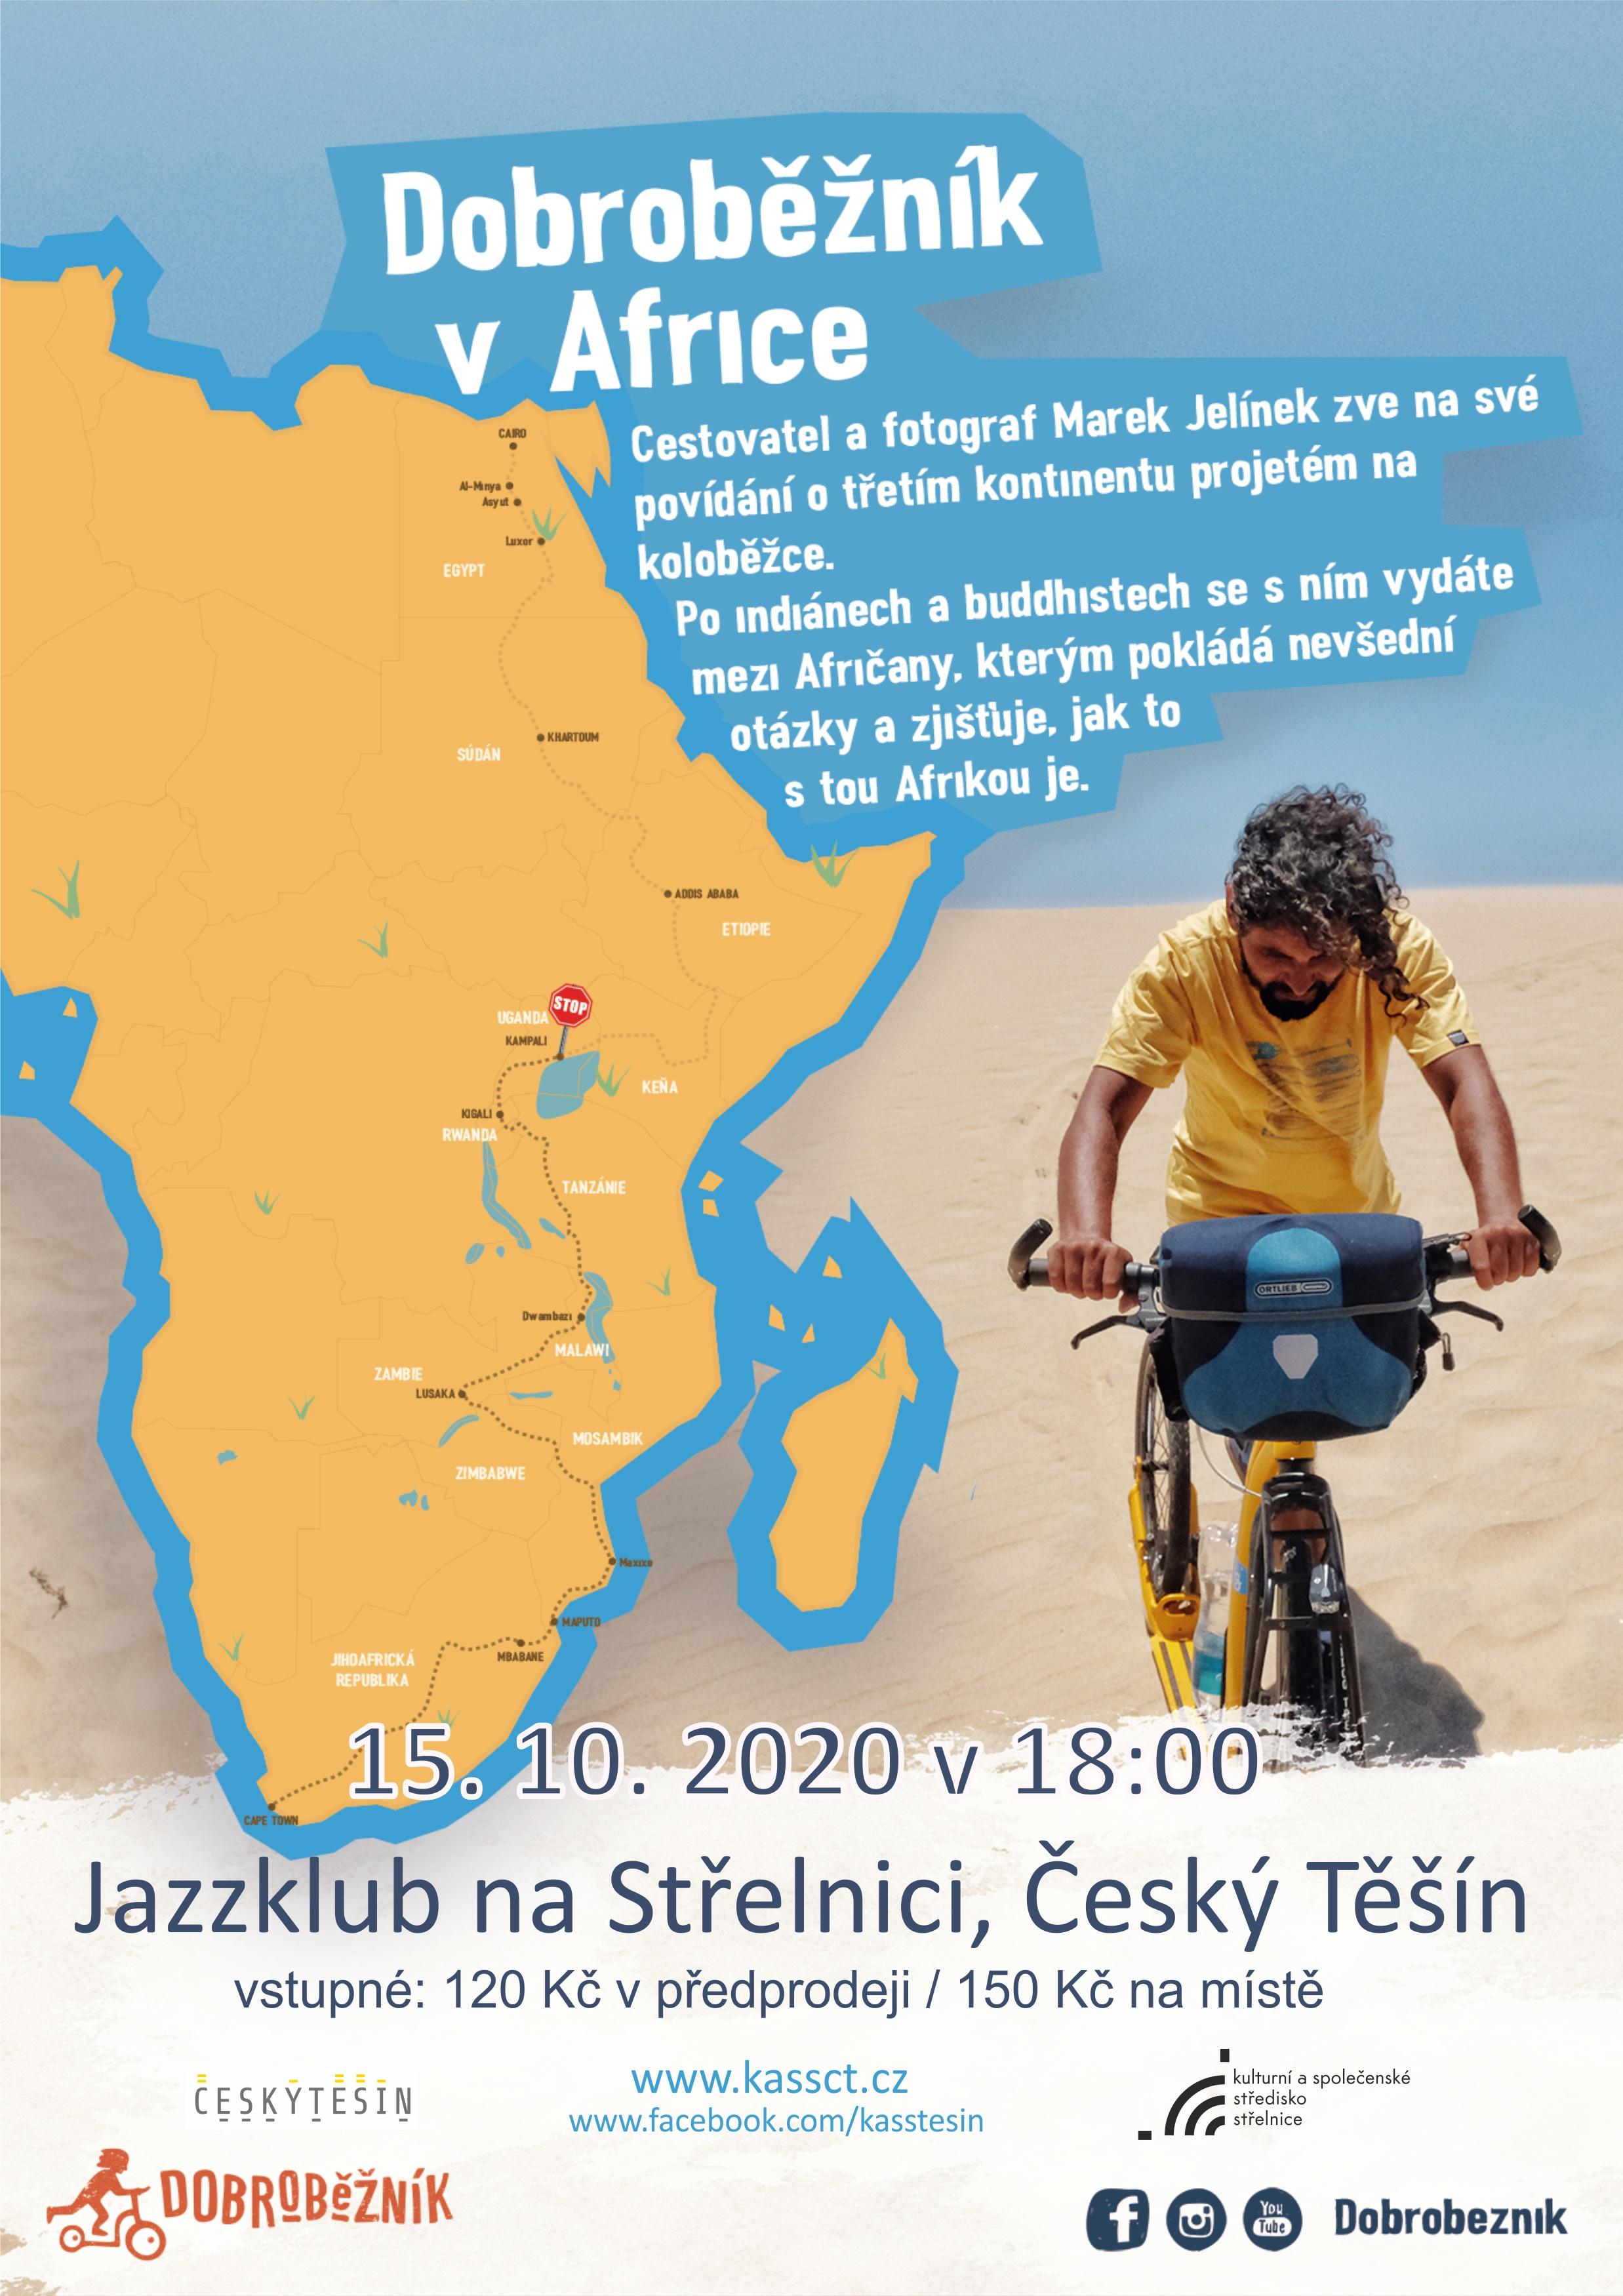 dobrobeznik-v-africe-plakat